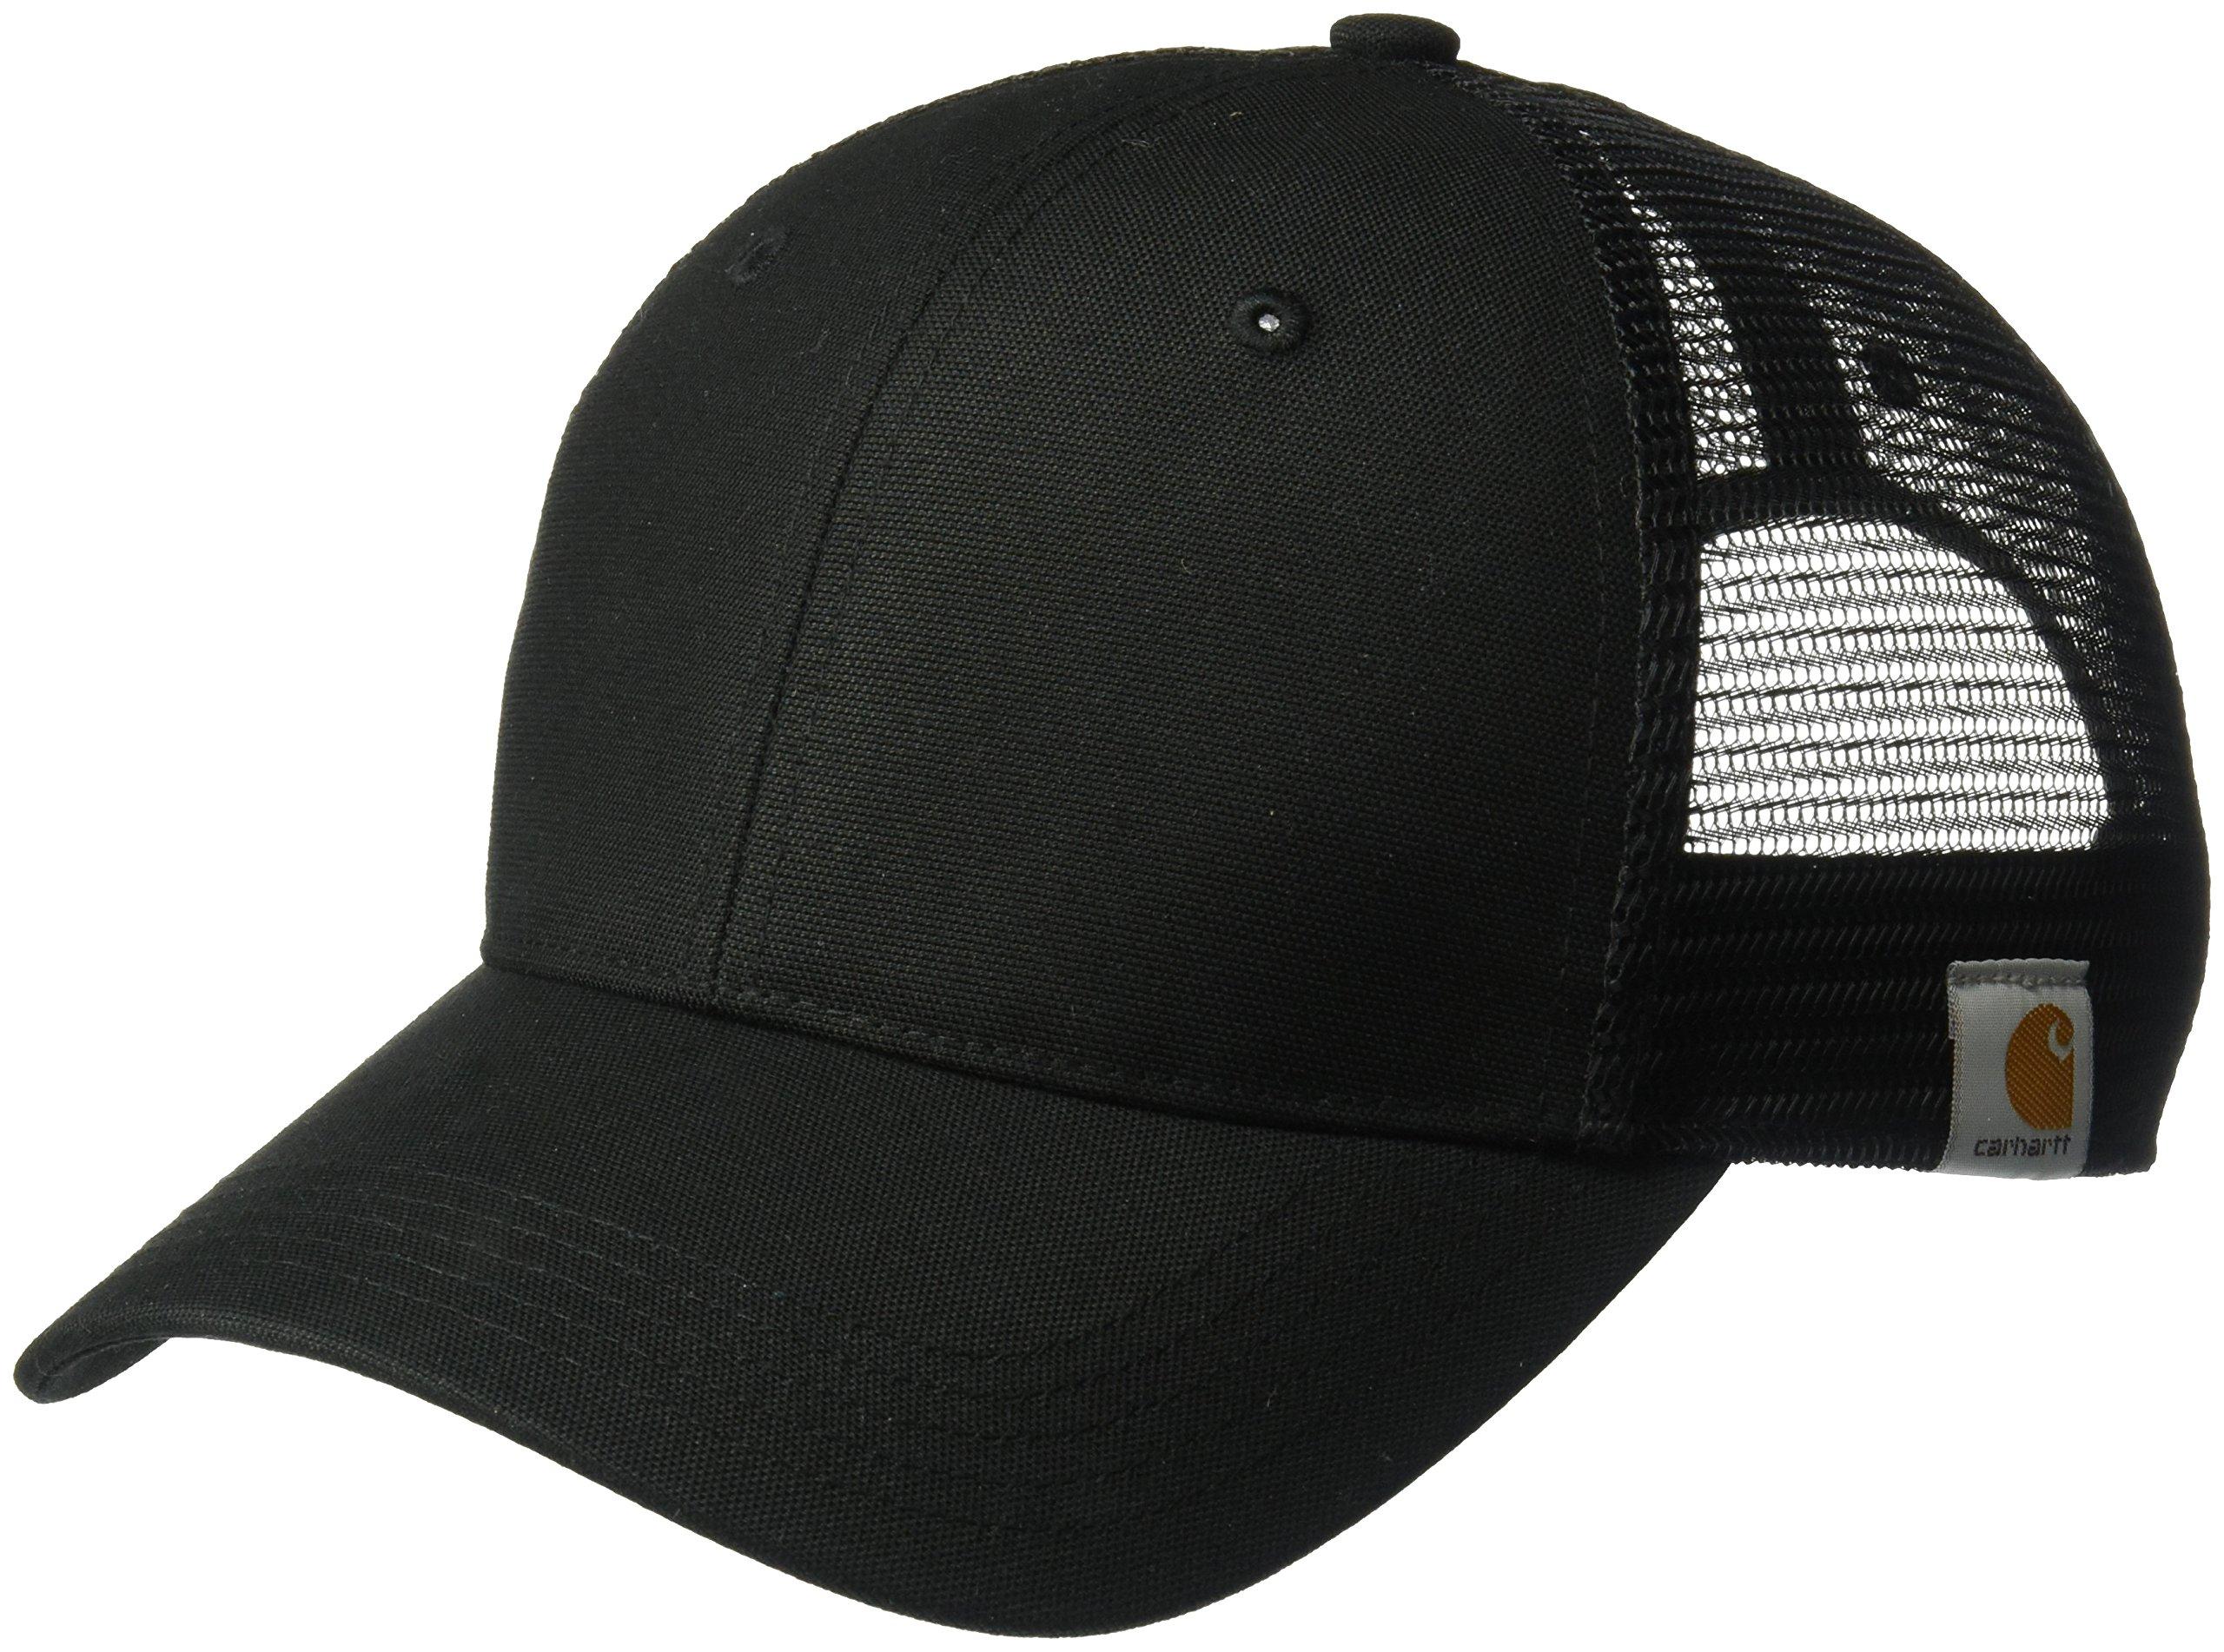 Carhartt Men's Rugged Professional Cap, Black, OFA by Carhartt